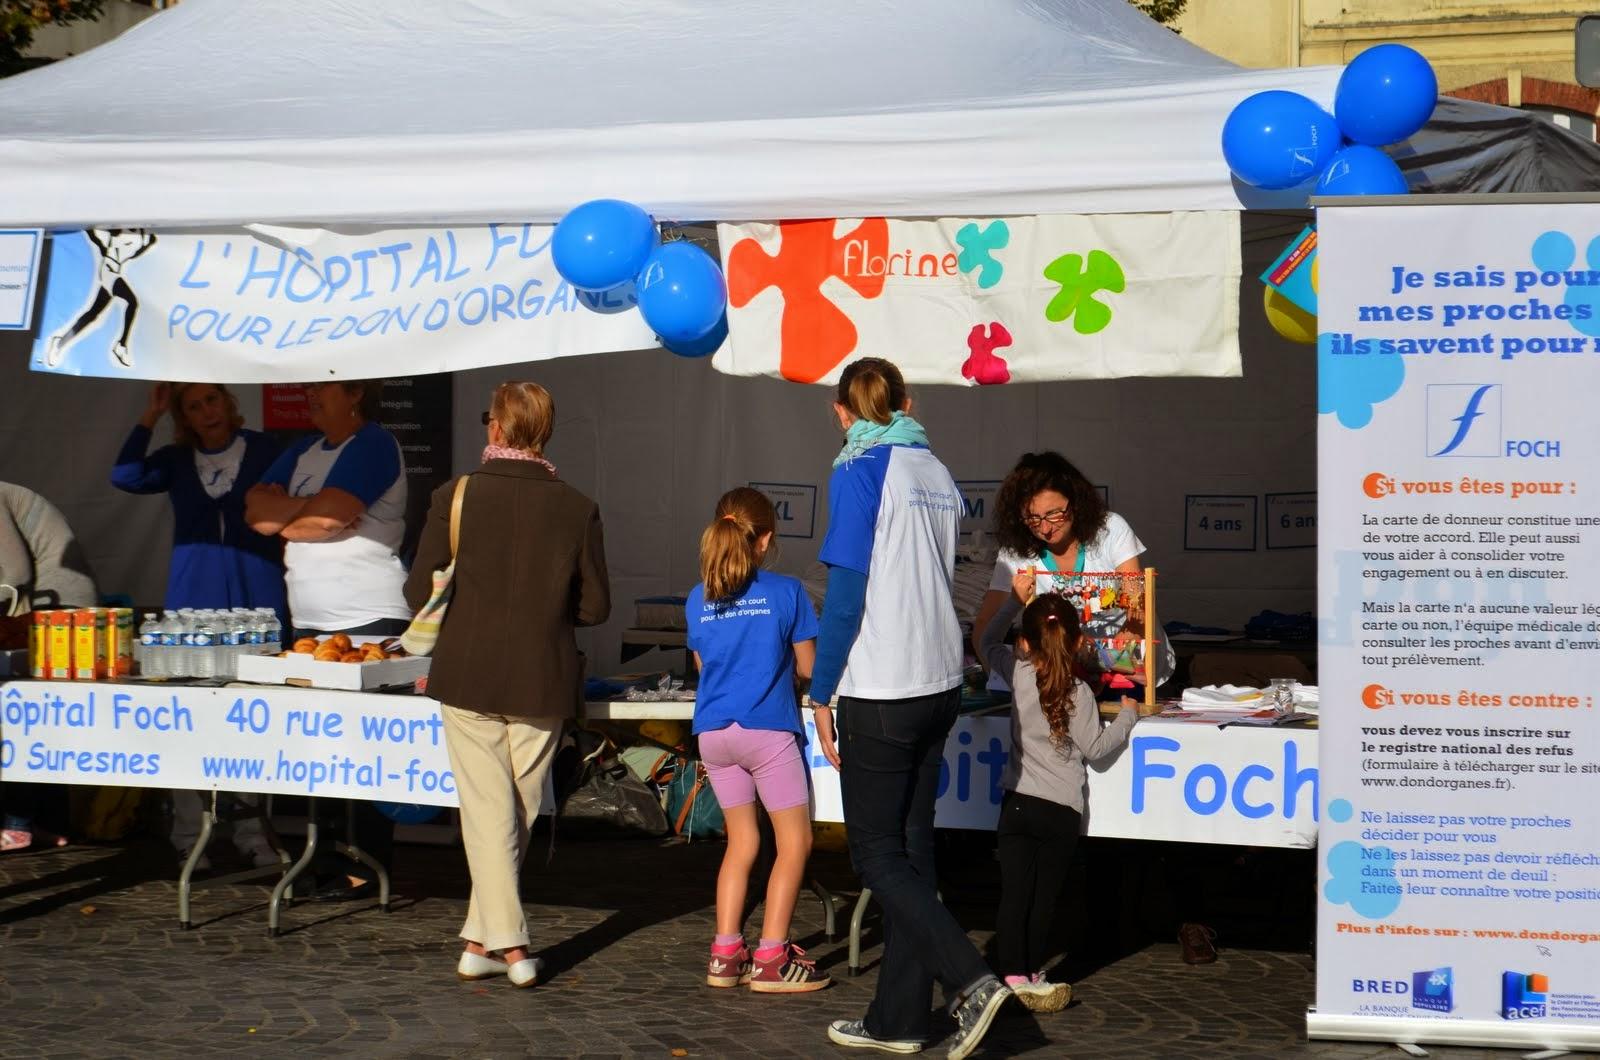 Le stand de Florine partagé avec l'Hôpital Foch.